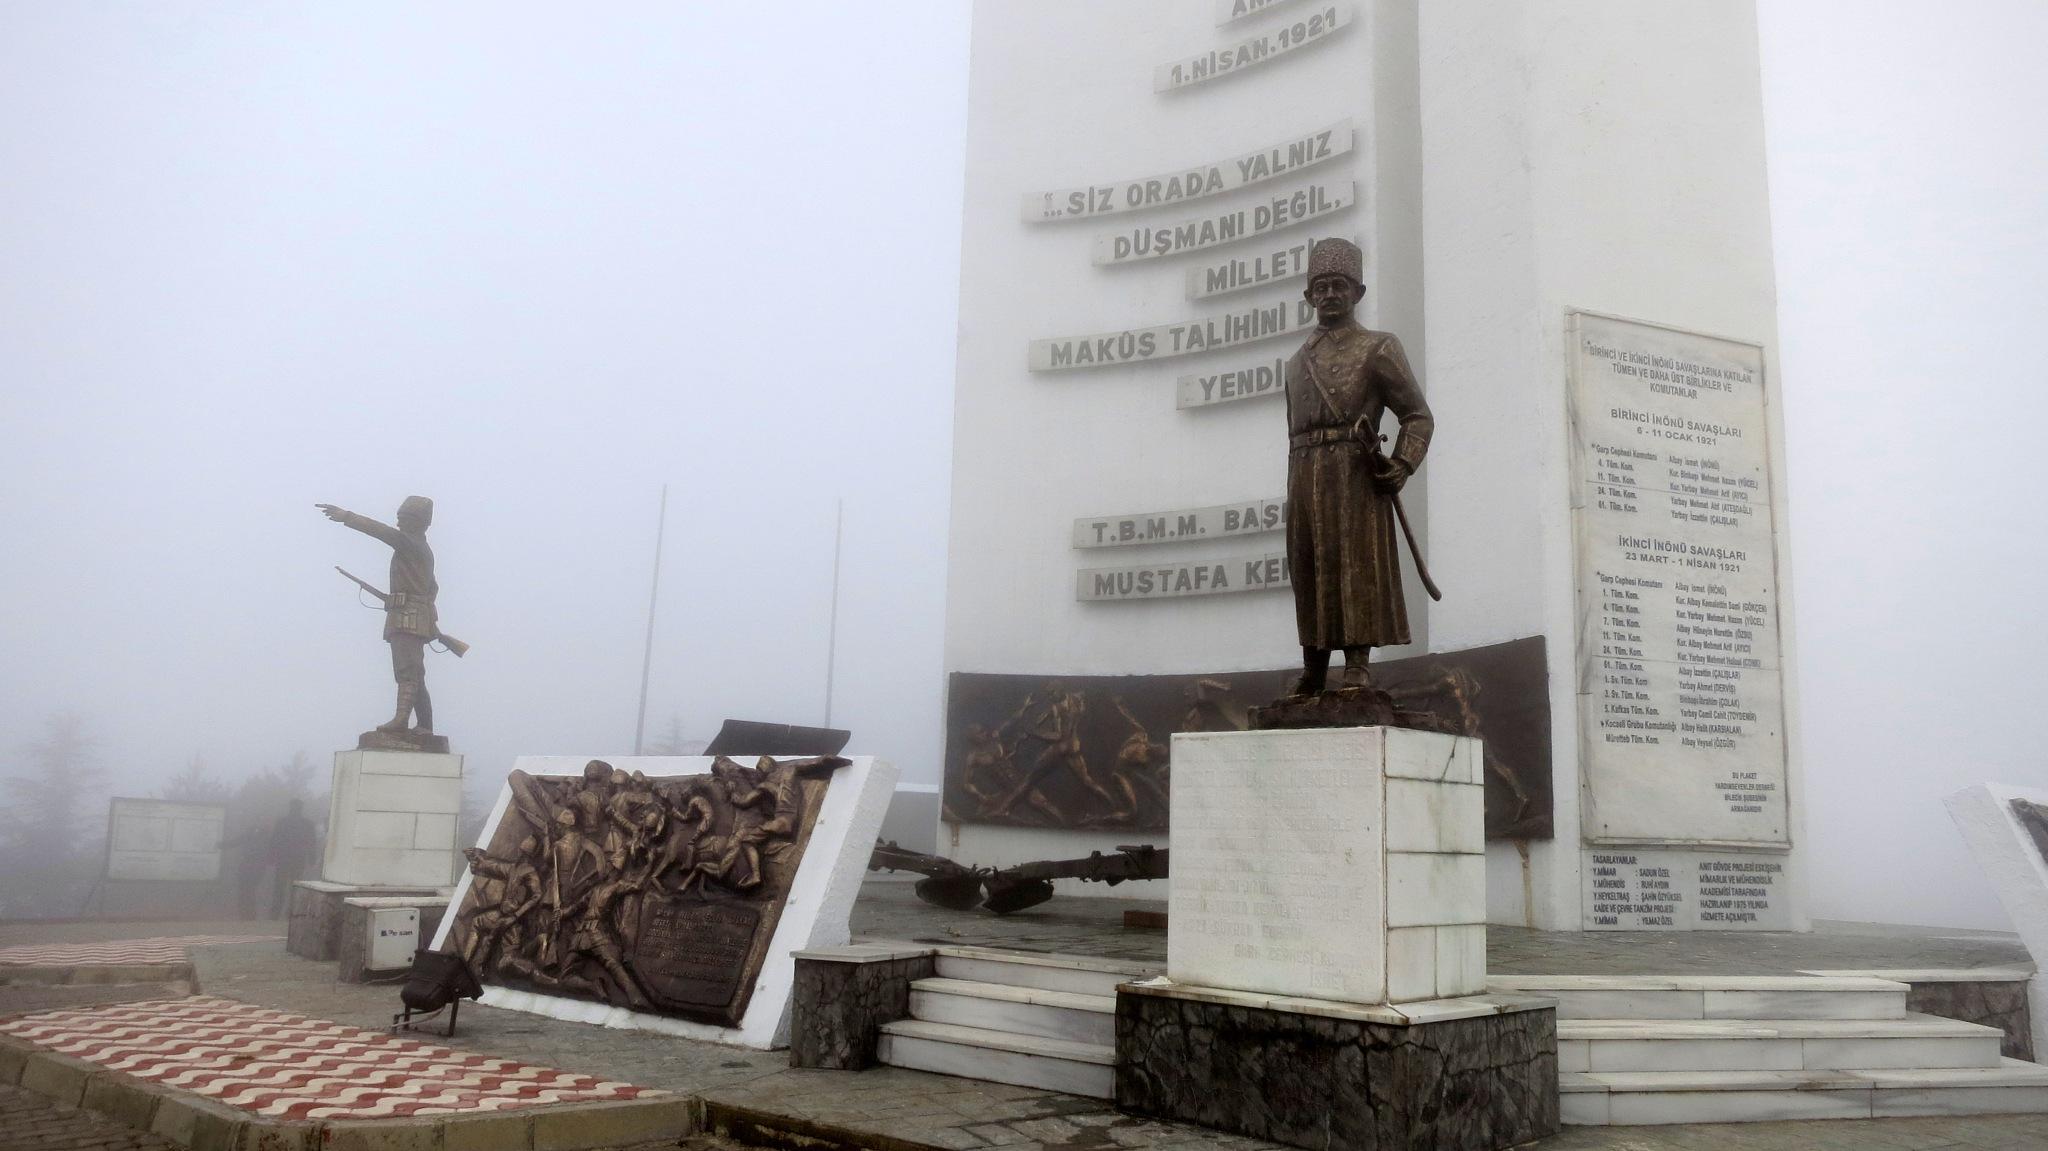 Monument by Atila_Yumusakkaya